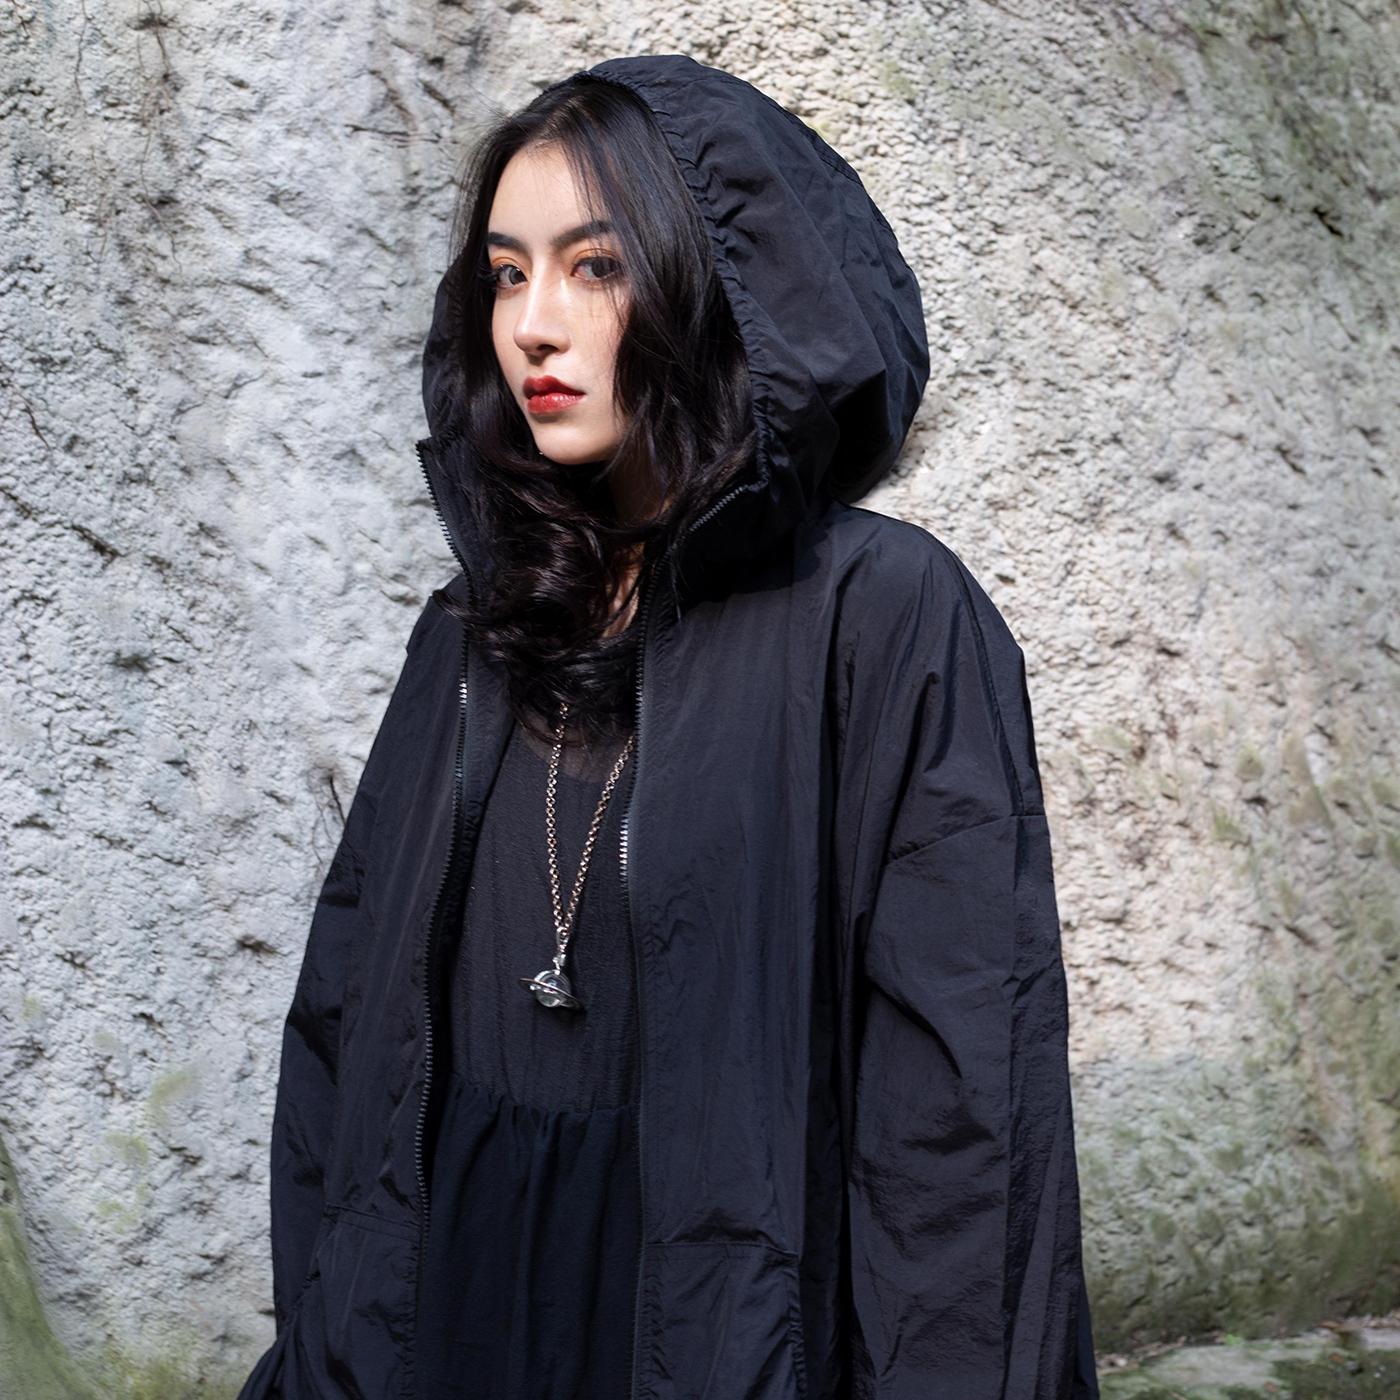 新款日系抽皱宽松防晒薄中长款风衣外套女 ss 春夏 19 BLACK SIMPLE